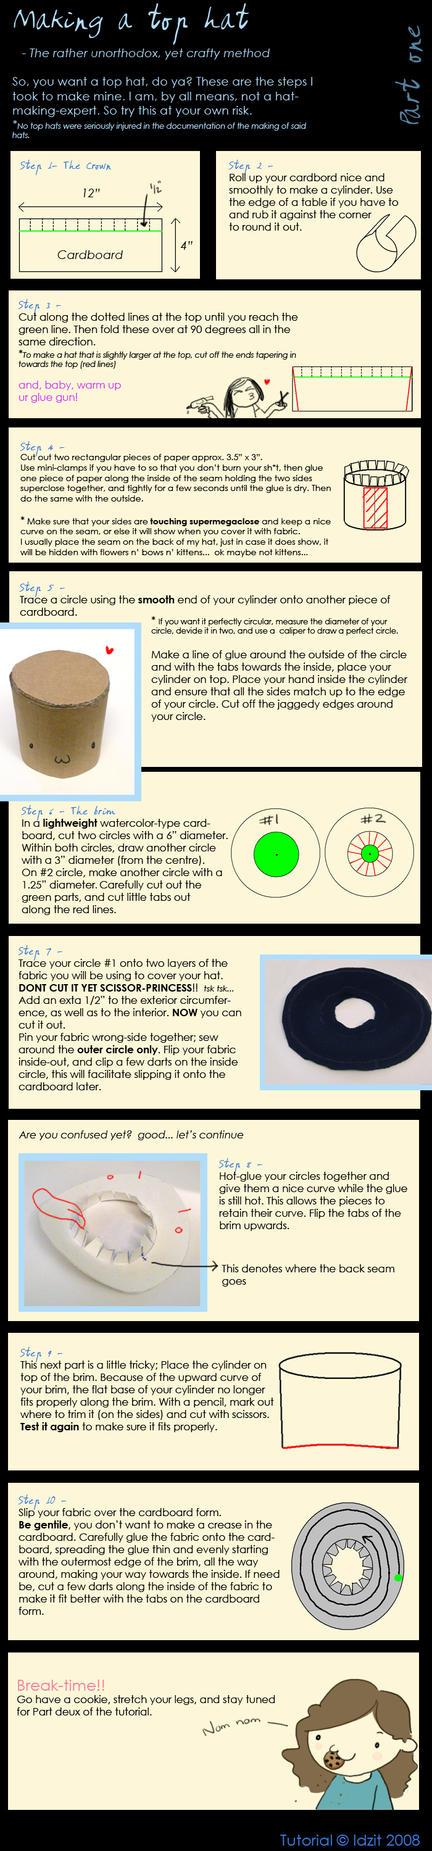 Top Hat Tutorial 1 by Idzit